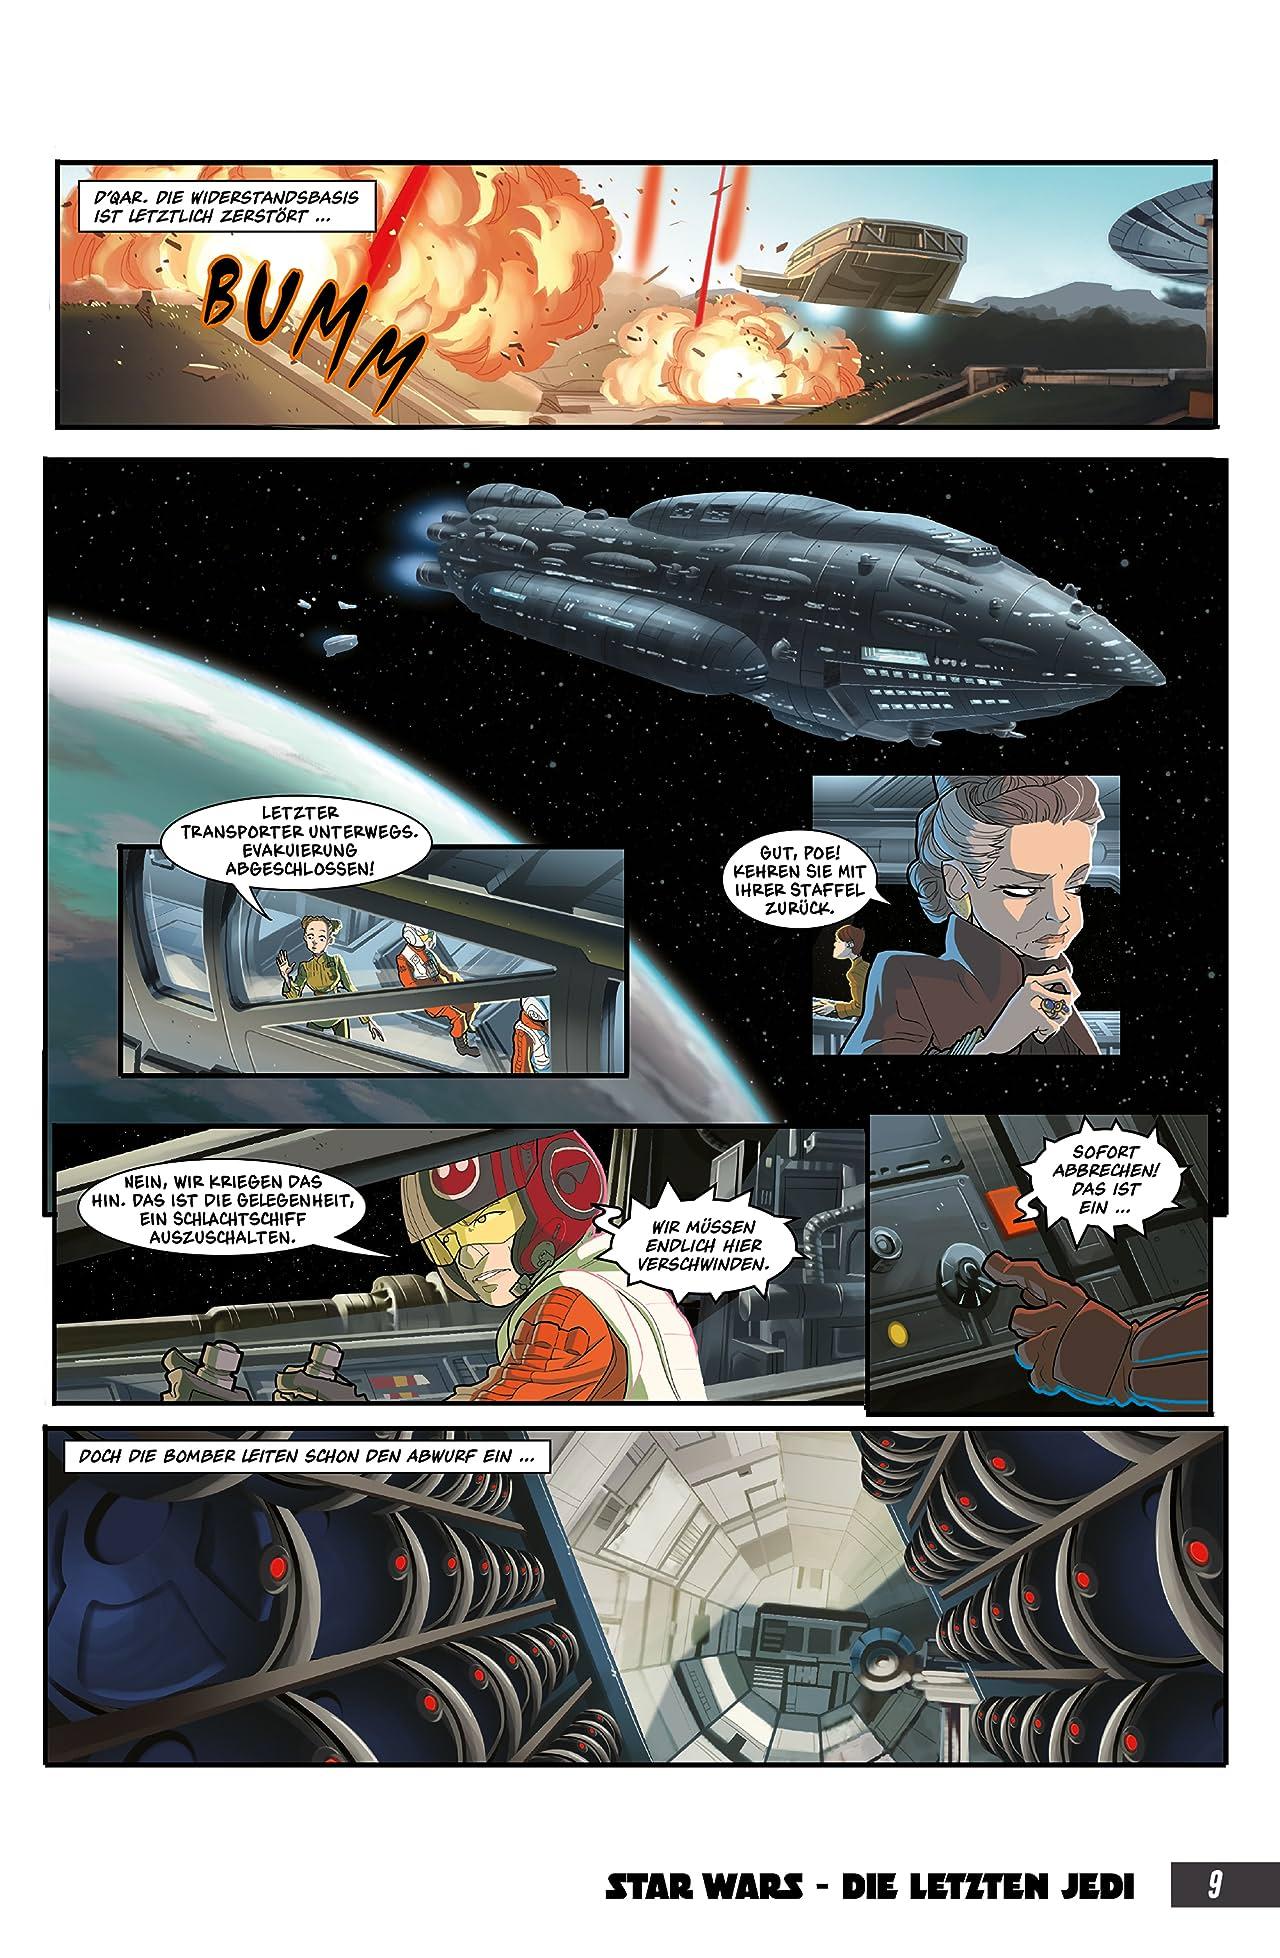 Star Wars: Die letzten Jedi - Comic zum Film